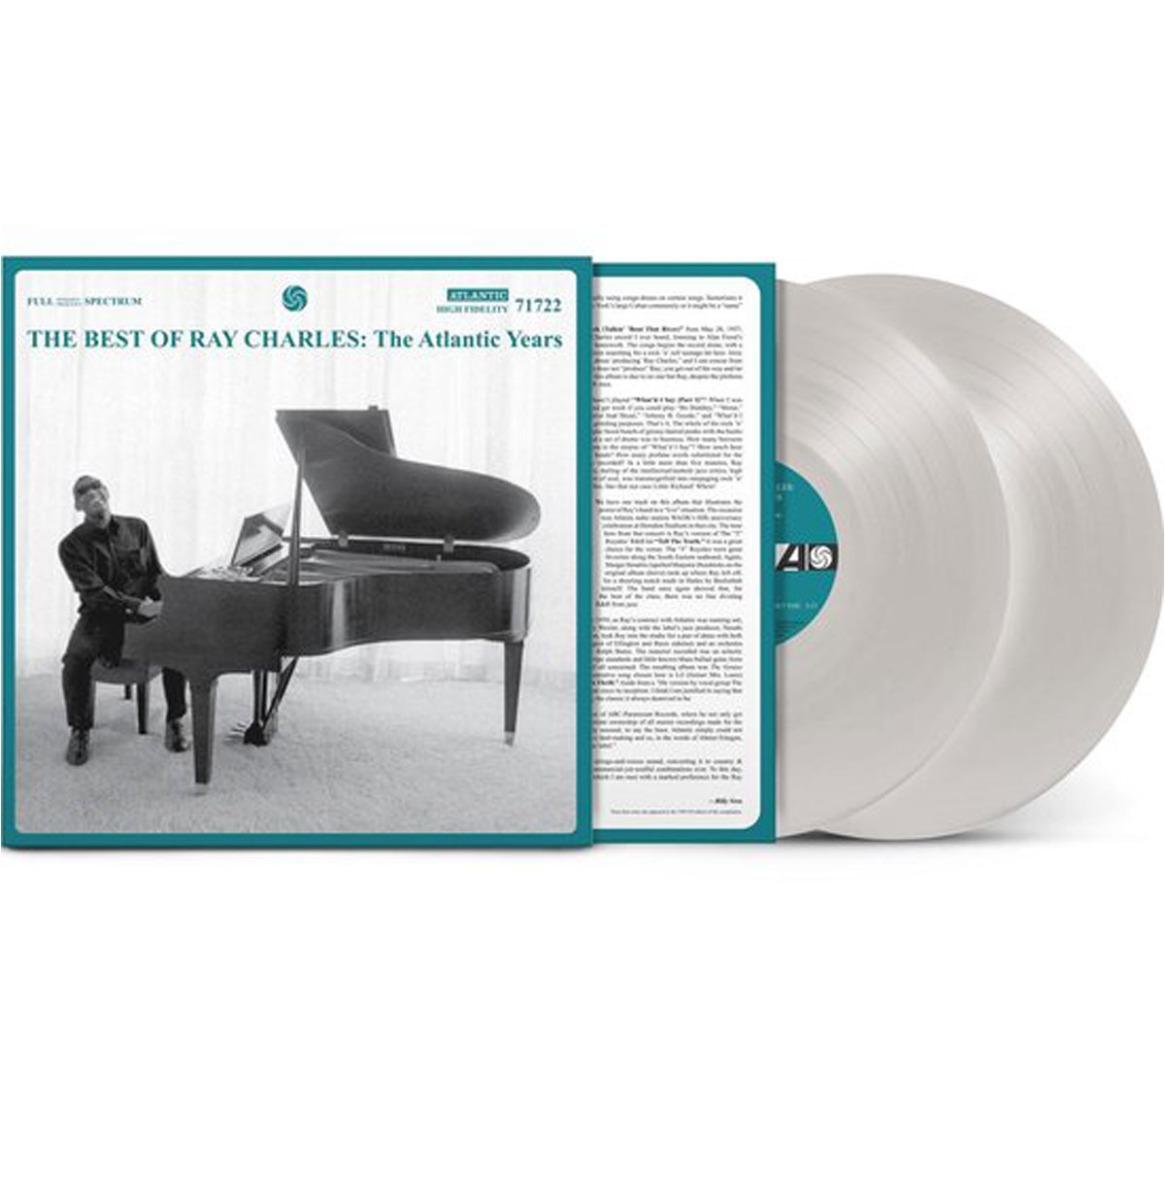 Ray Charles - The Best Of Ray Charles: The Atlantic Years (Gekleurd Vinyl) 2LP